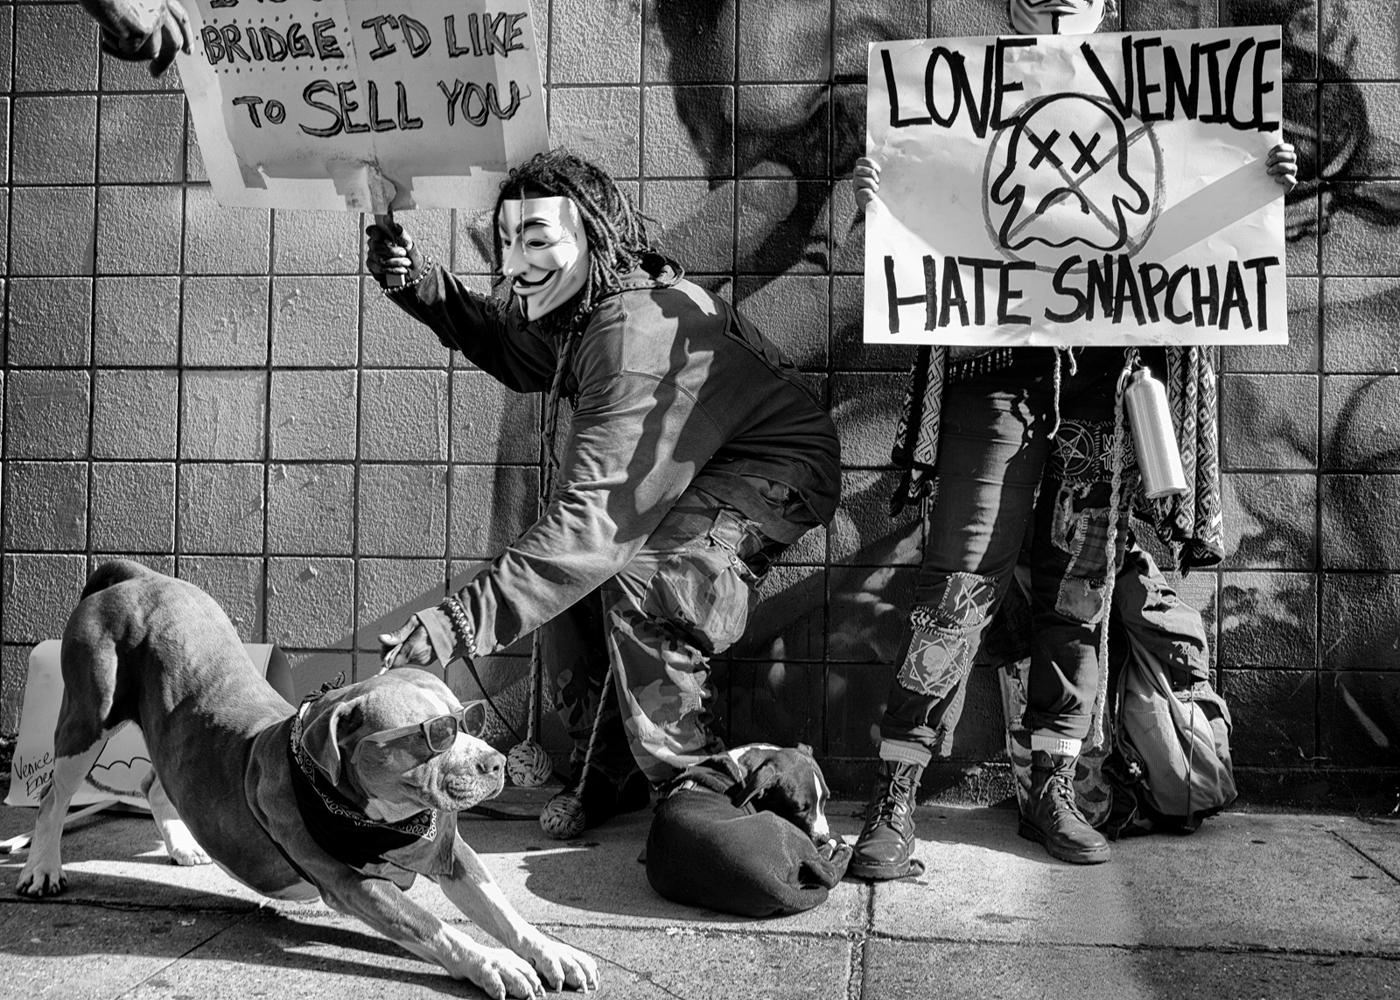 Love Venice, Hate Snapchat © Dotan Saguy